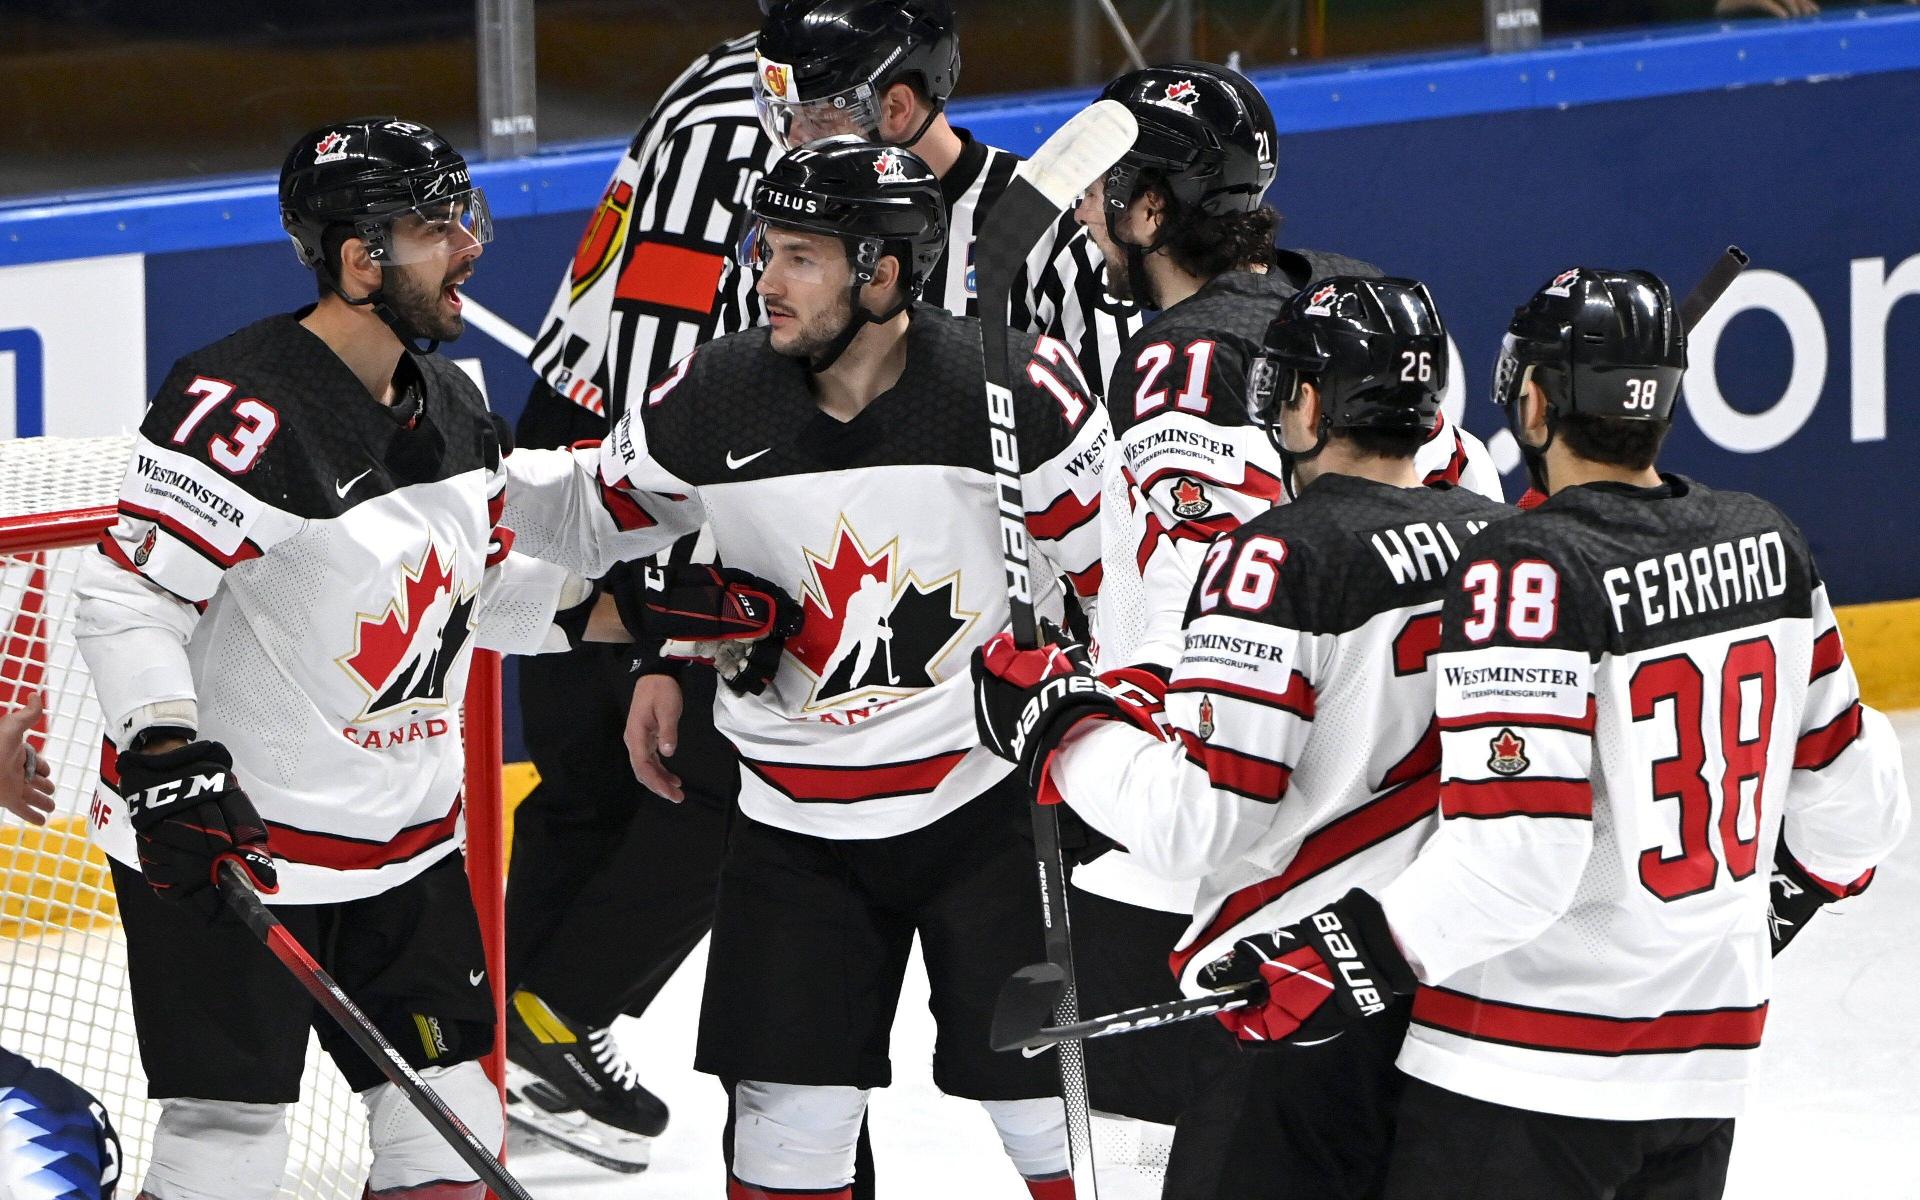 Канада - чемпон мира по хоккею 2021 Хоккей